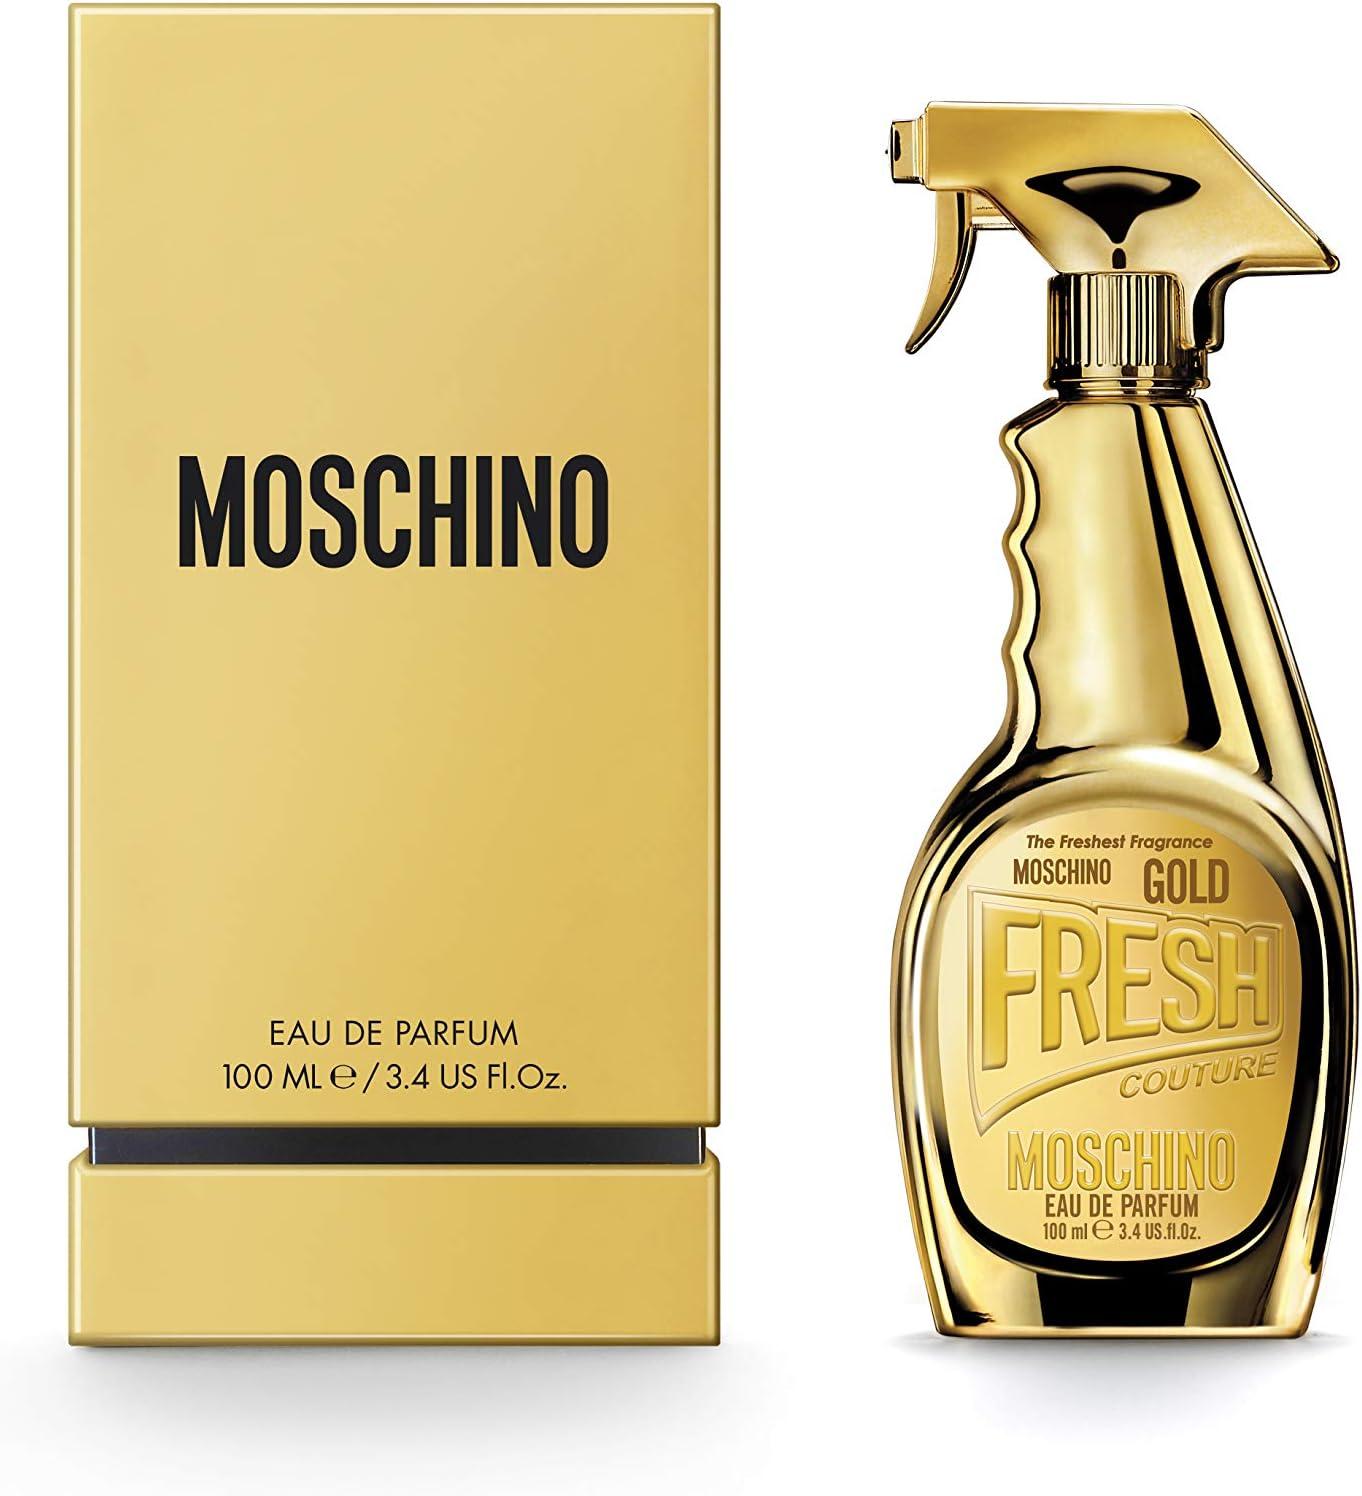 moschino nuevo perfume